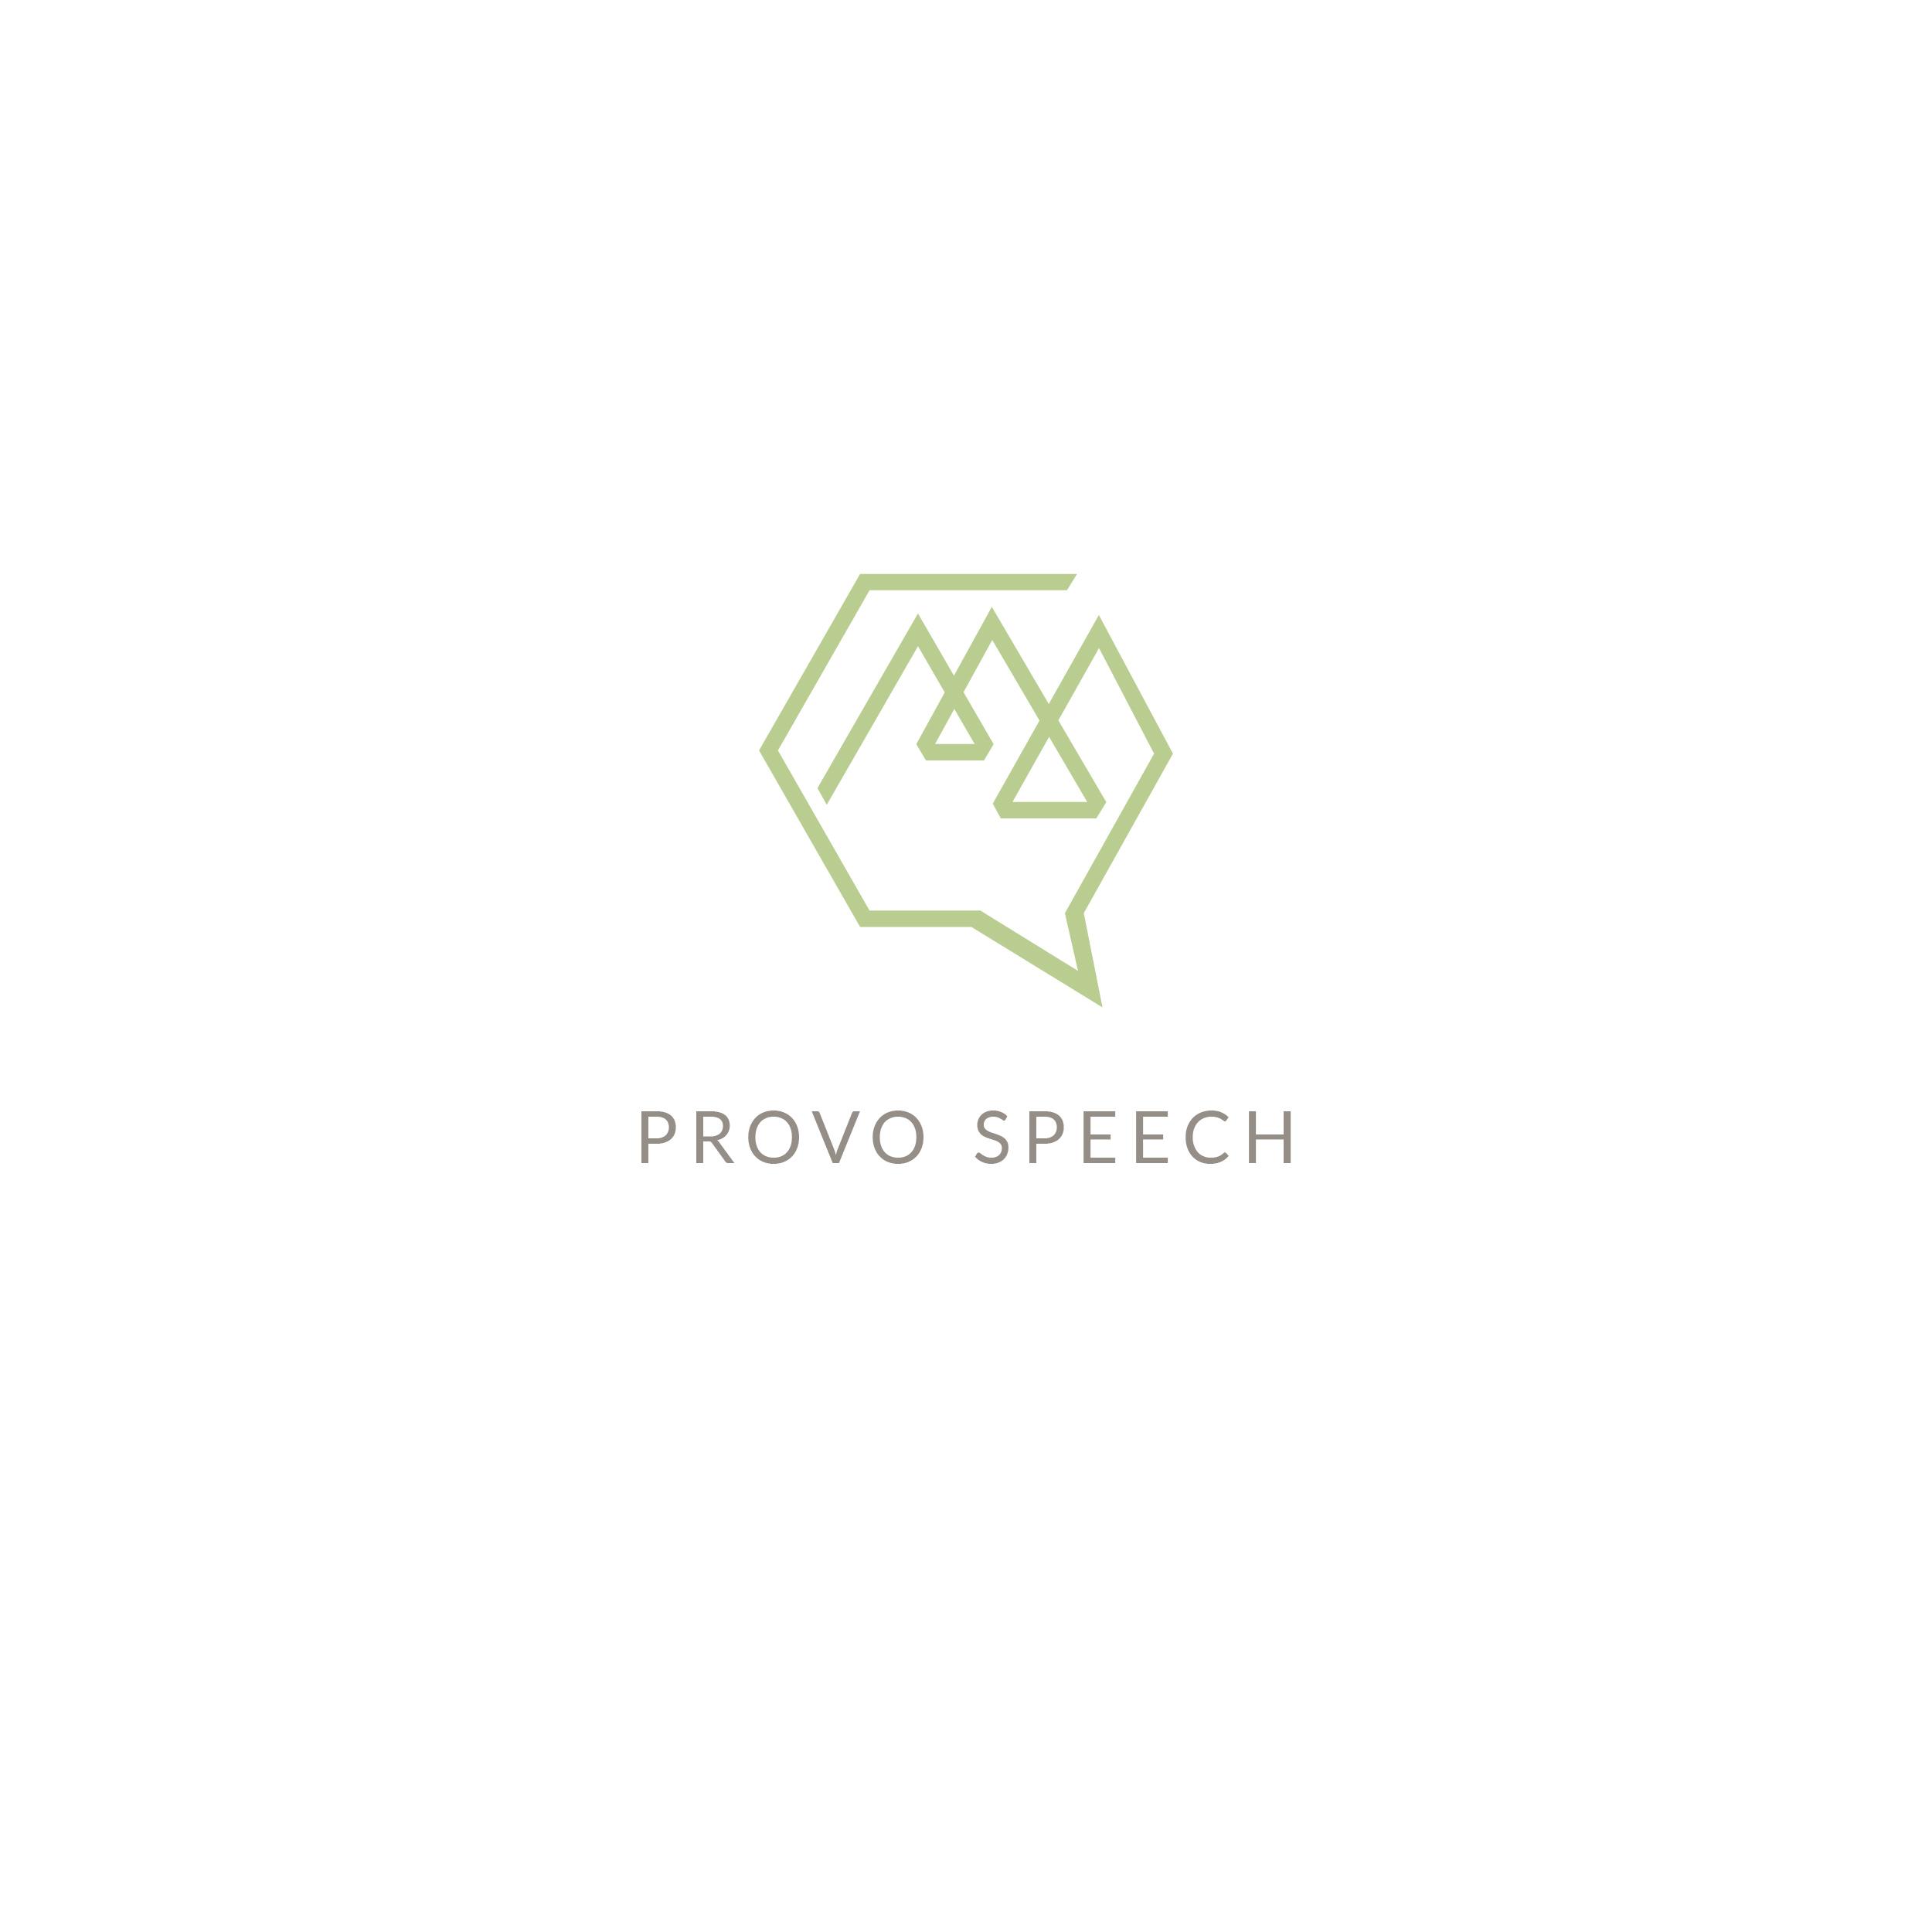 ProvoSpeechLogo_V3-03.jpg